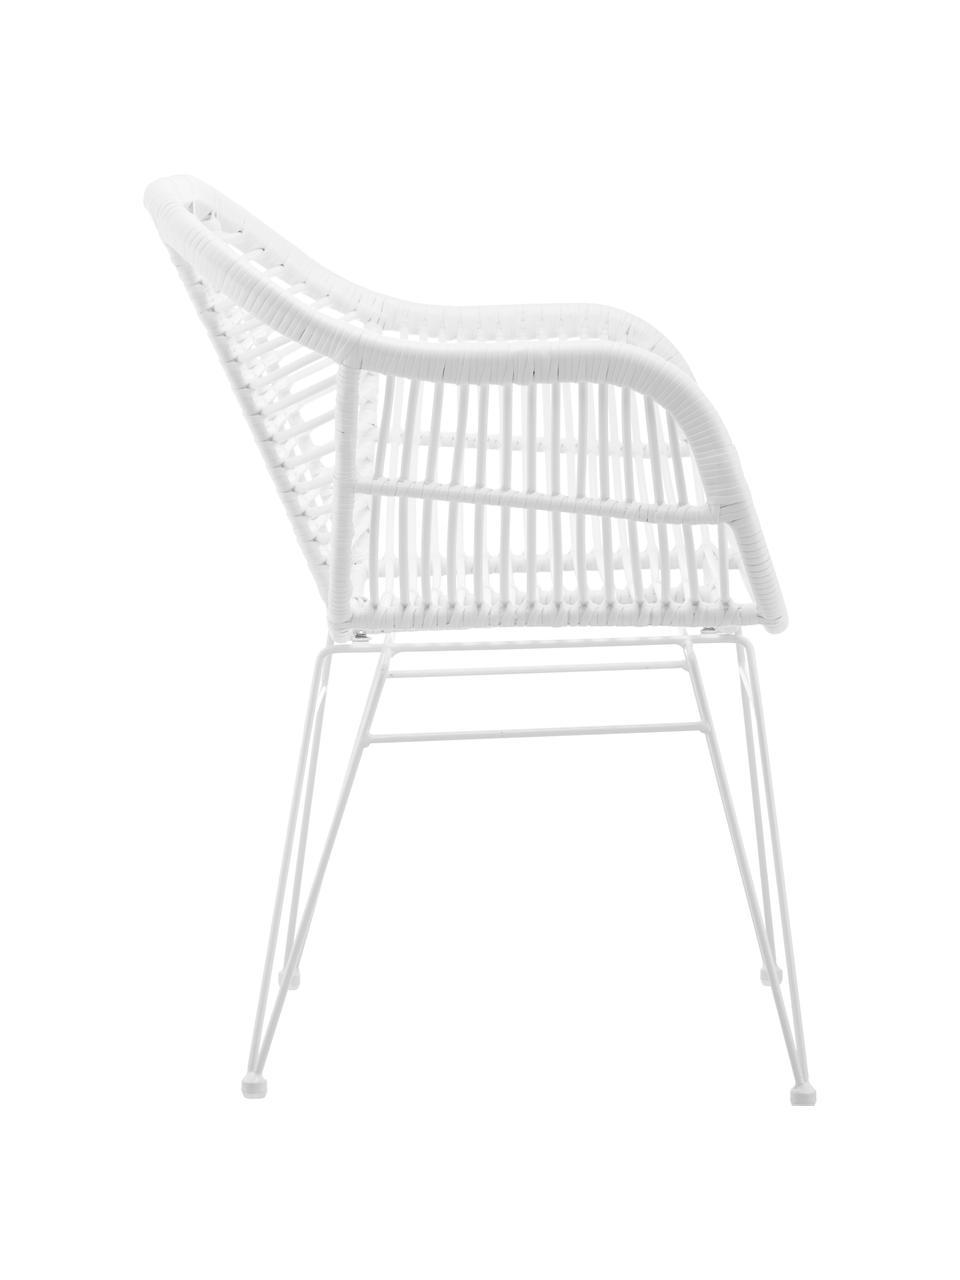 Polyrattan-Armlehnstühle Costa, 2 Stück, Sitzfläche: Polyethylen-Geflecht, Gestell: Metall, pulverbeschichtet, Weiß, Weiß, B 59 x T 58 cm